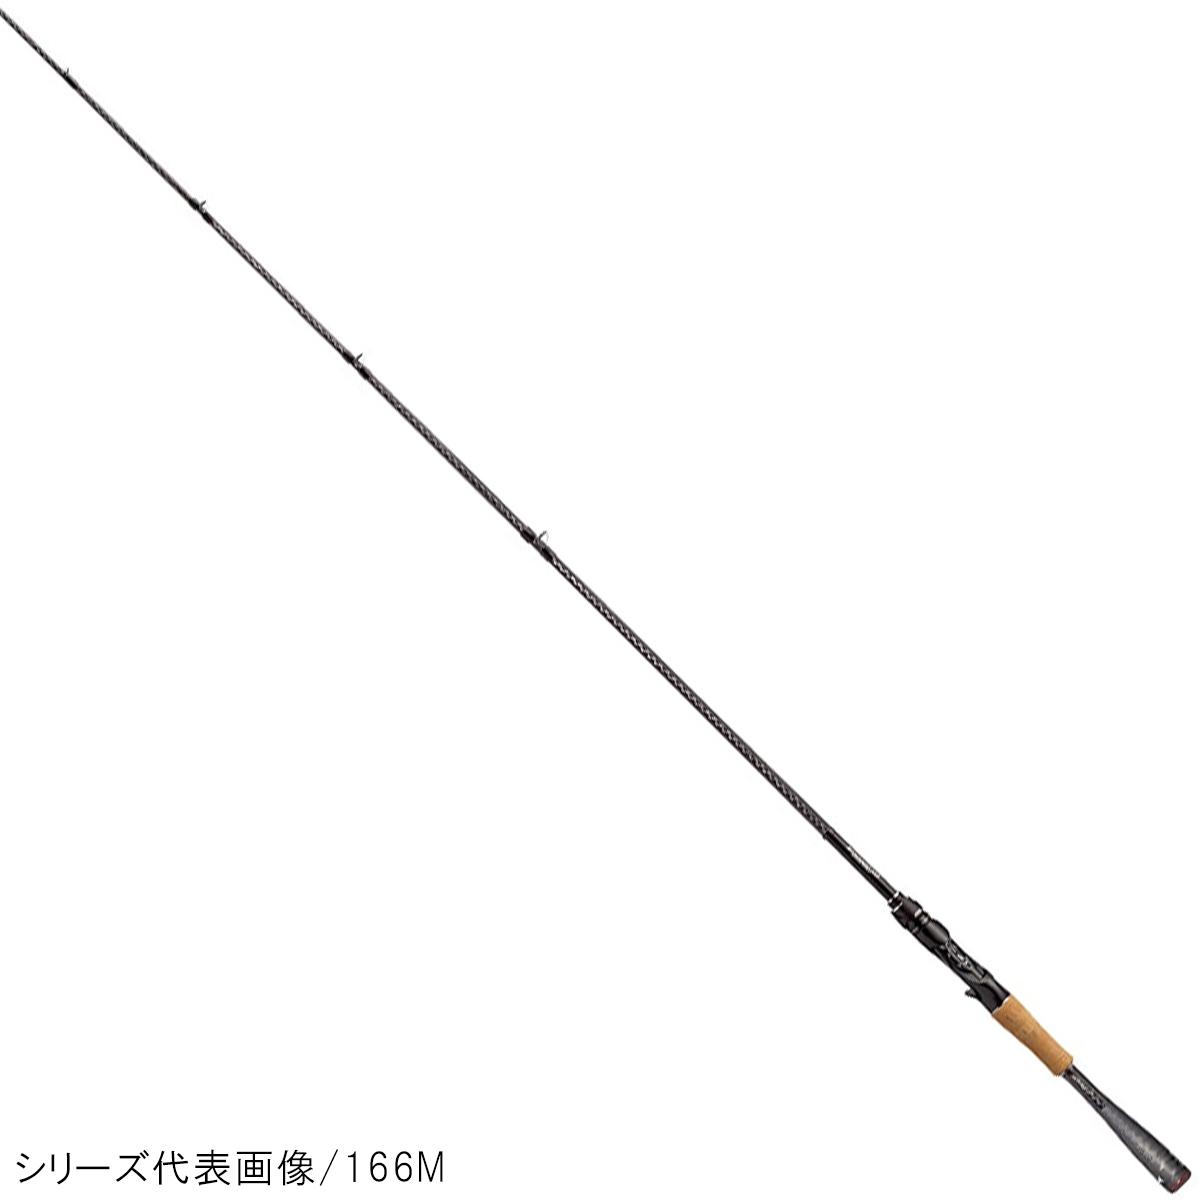 シマノ ポイズングロリアス 166MH【大型商品】